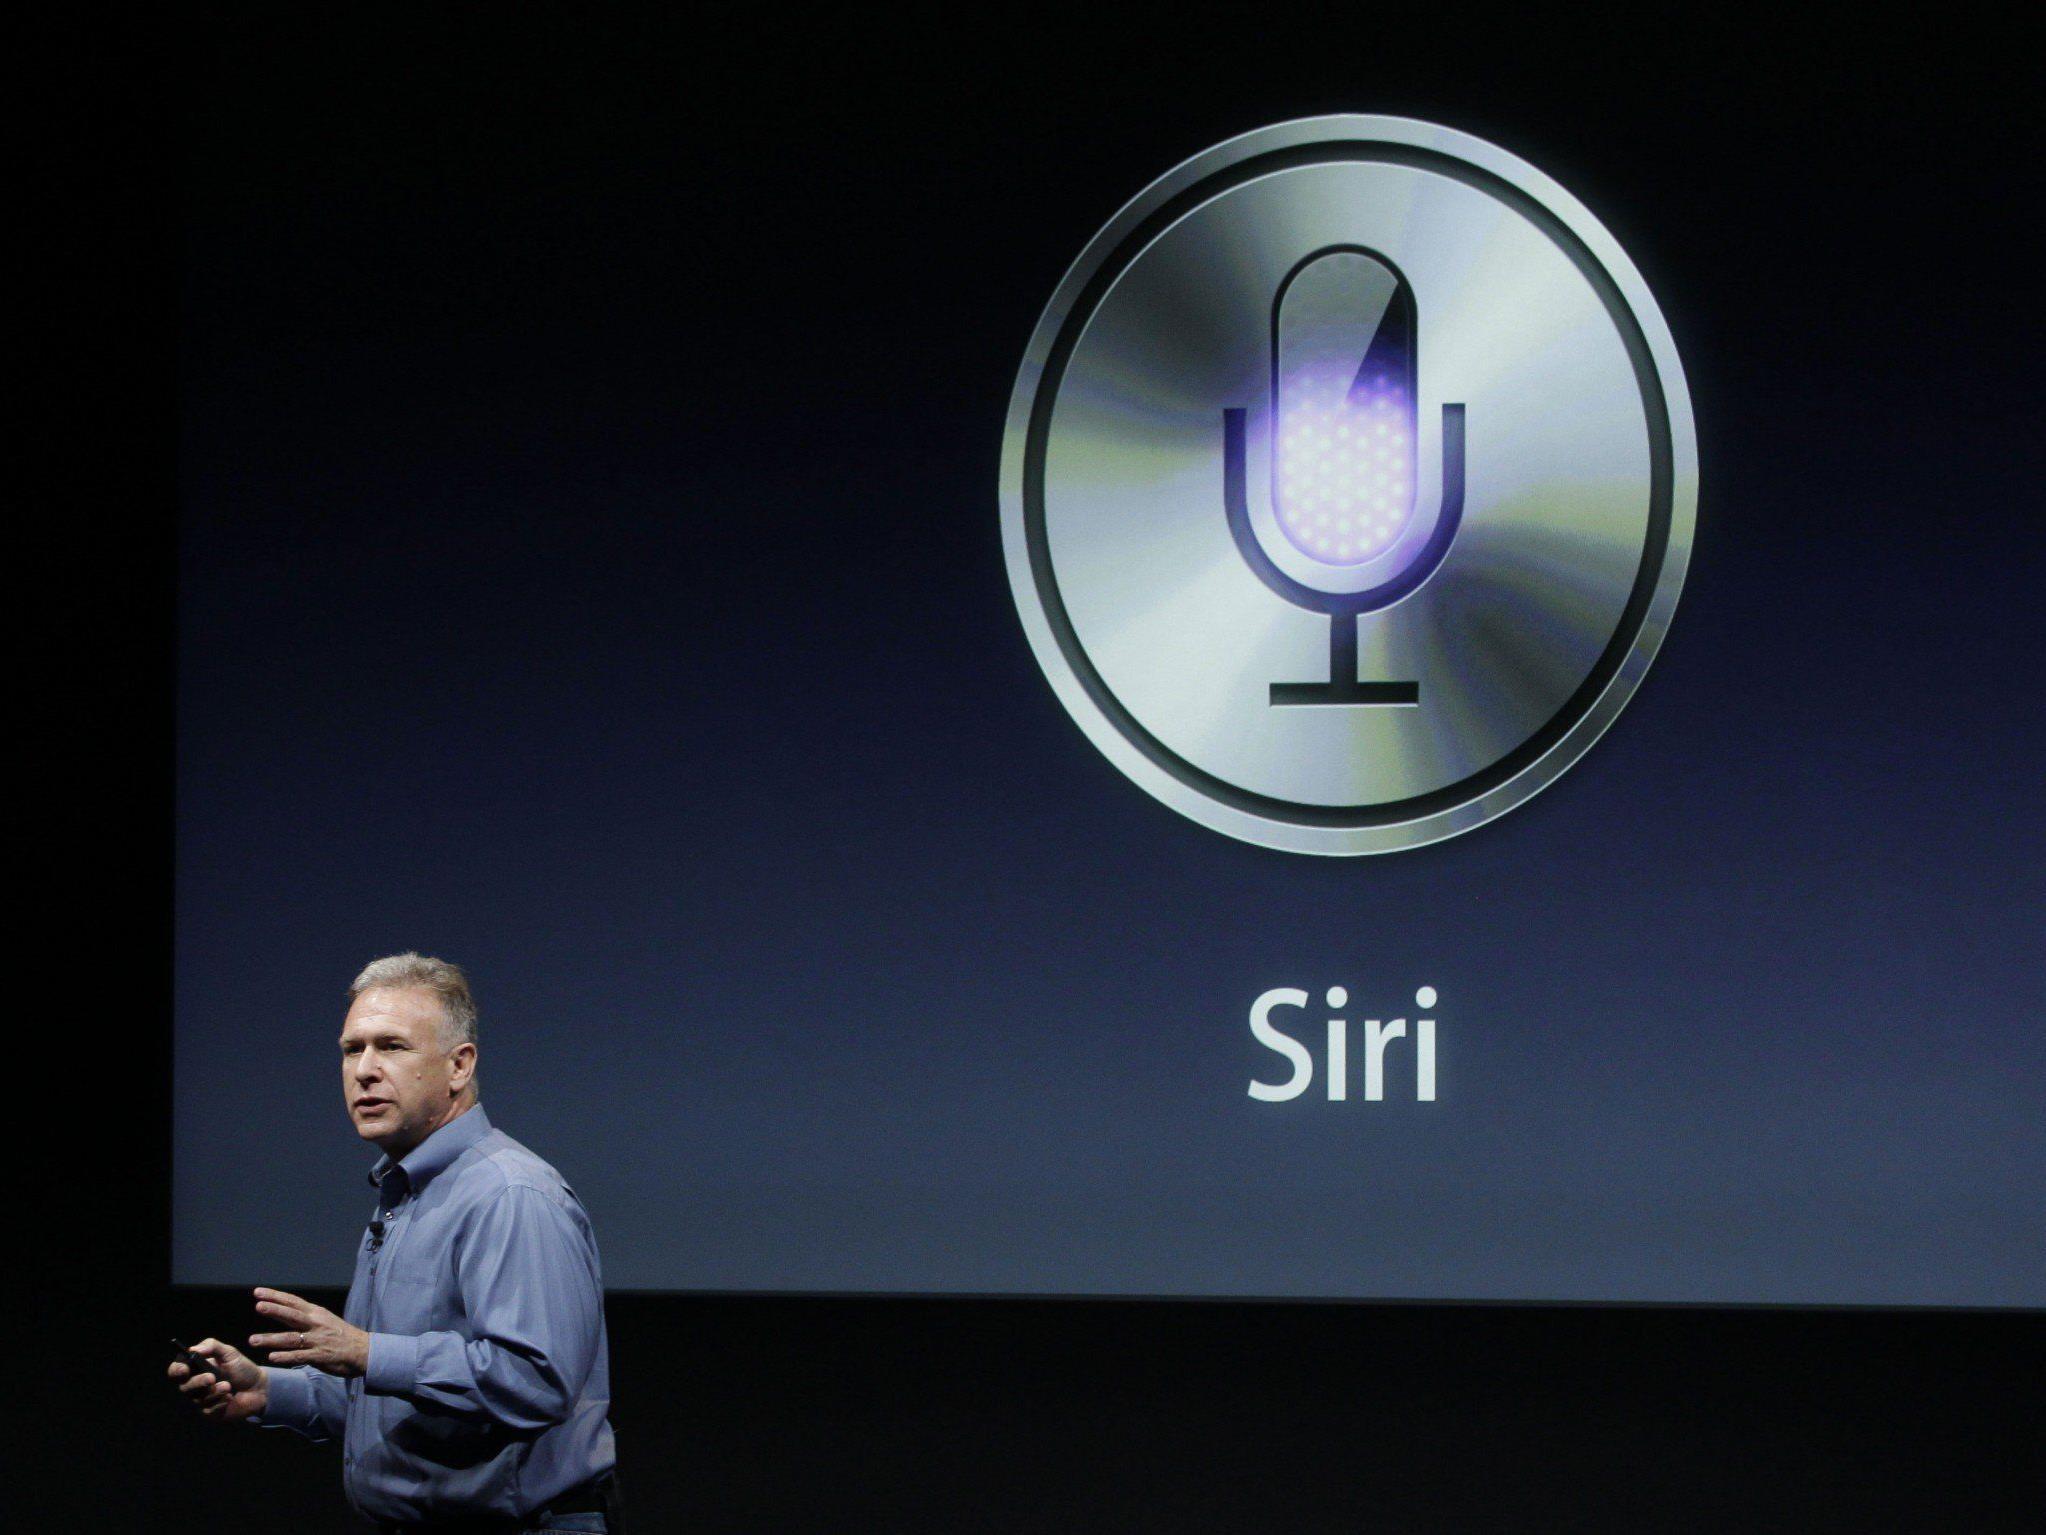 Kläger wollen für Geräte mit Software Siri Verkaufsstopp in China.